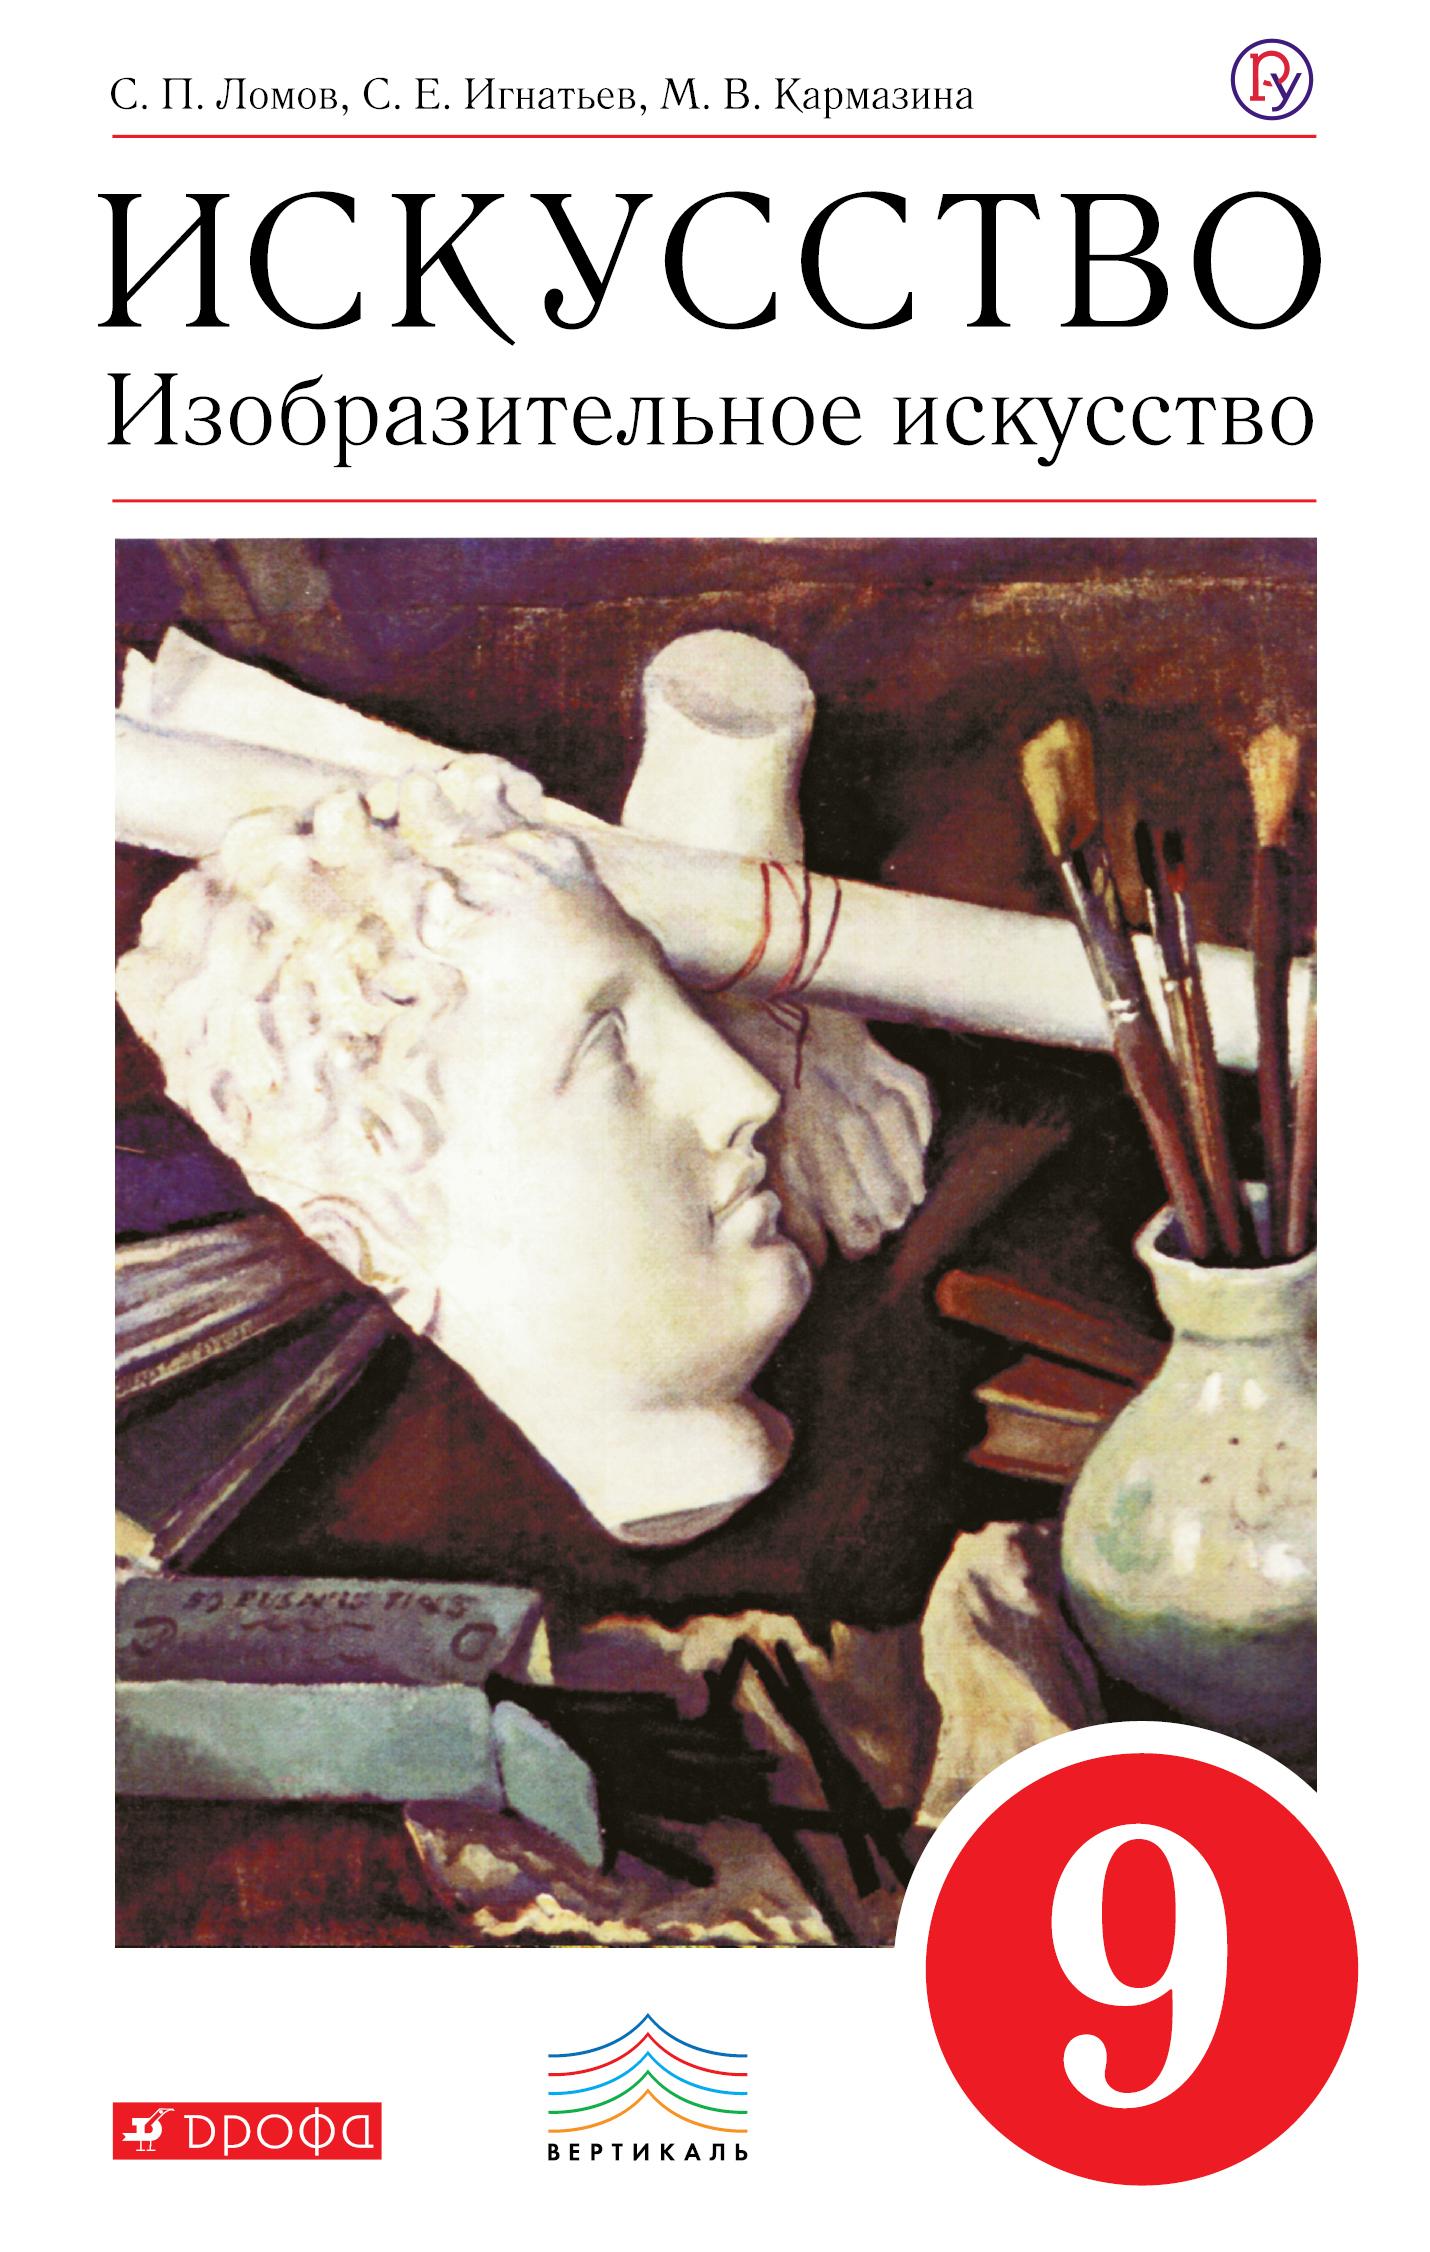 Изобразительное искусство. 9 класс. Учебник. ВЕРТИКАЛЬ ( Ломов С.П., Игнатьев С.Е., Кармазина М.В.  )